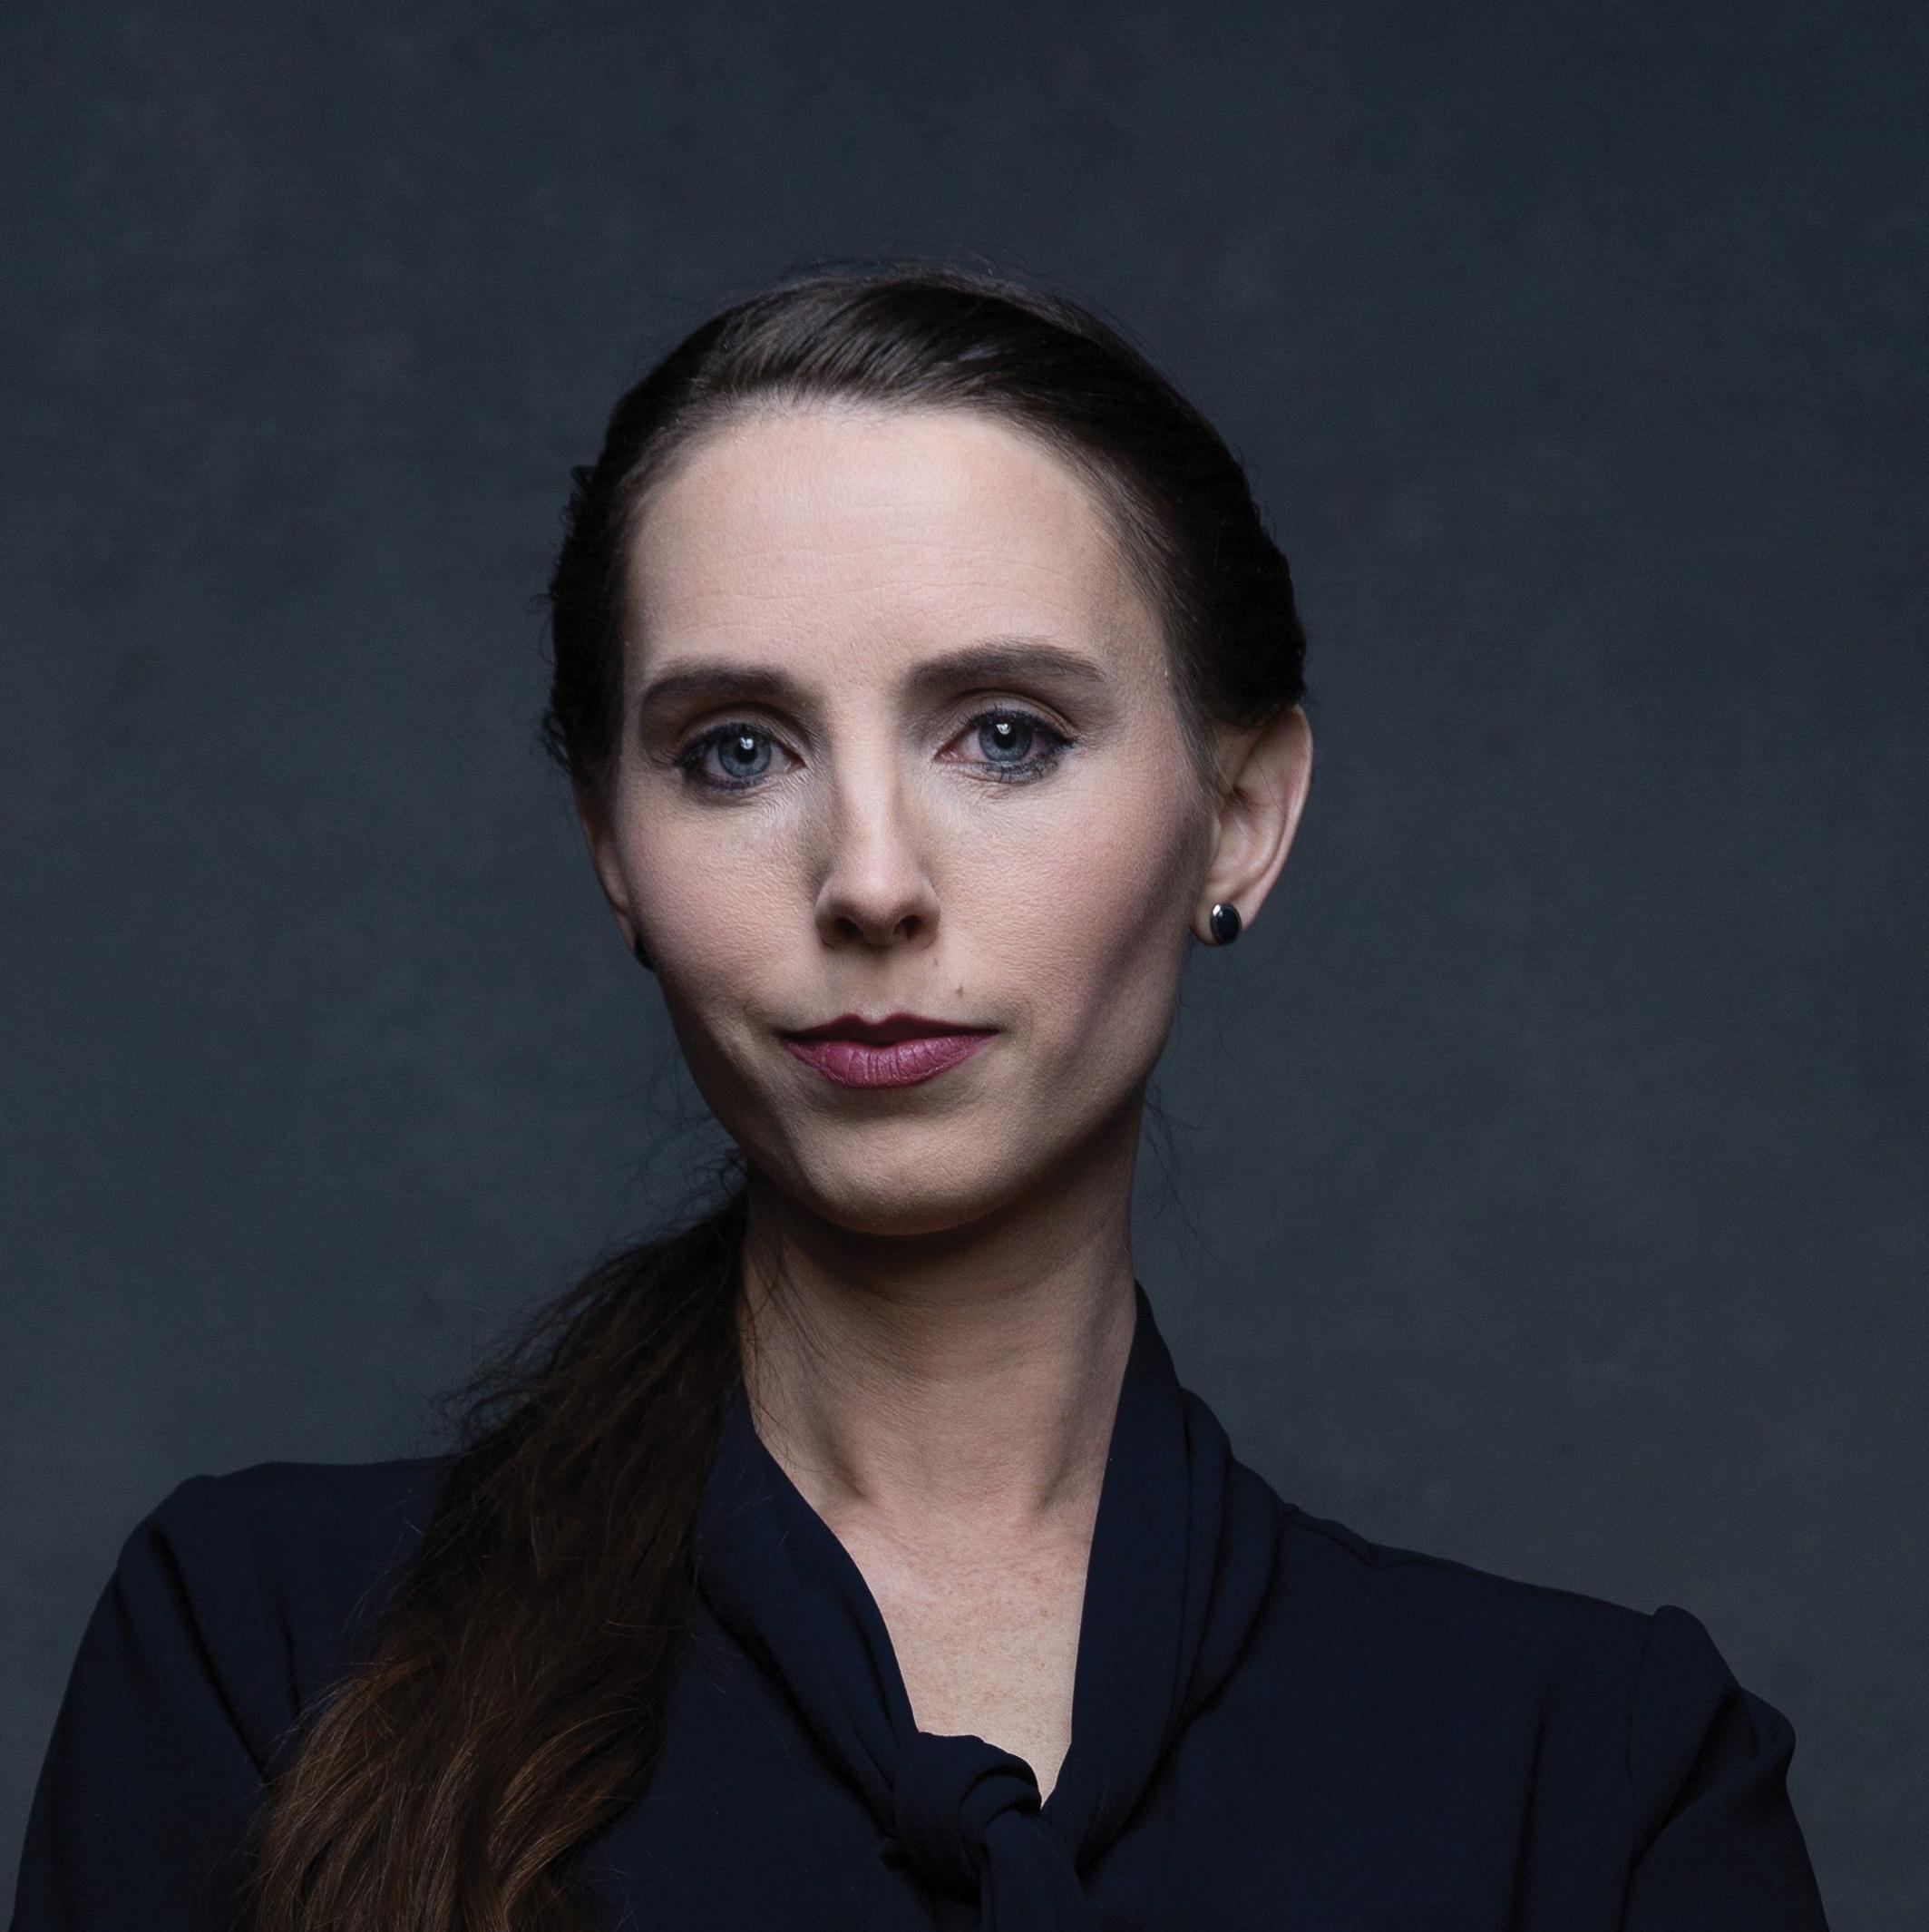 Rachel Denhollander